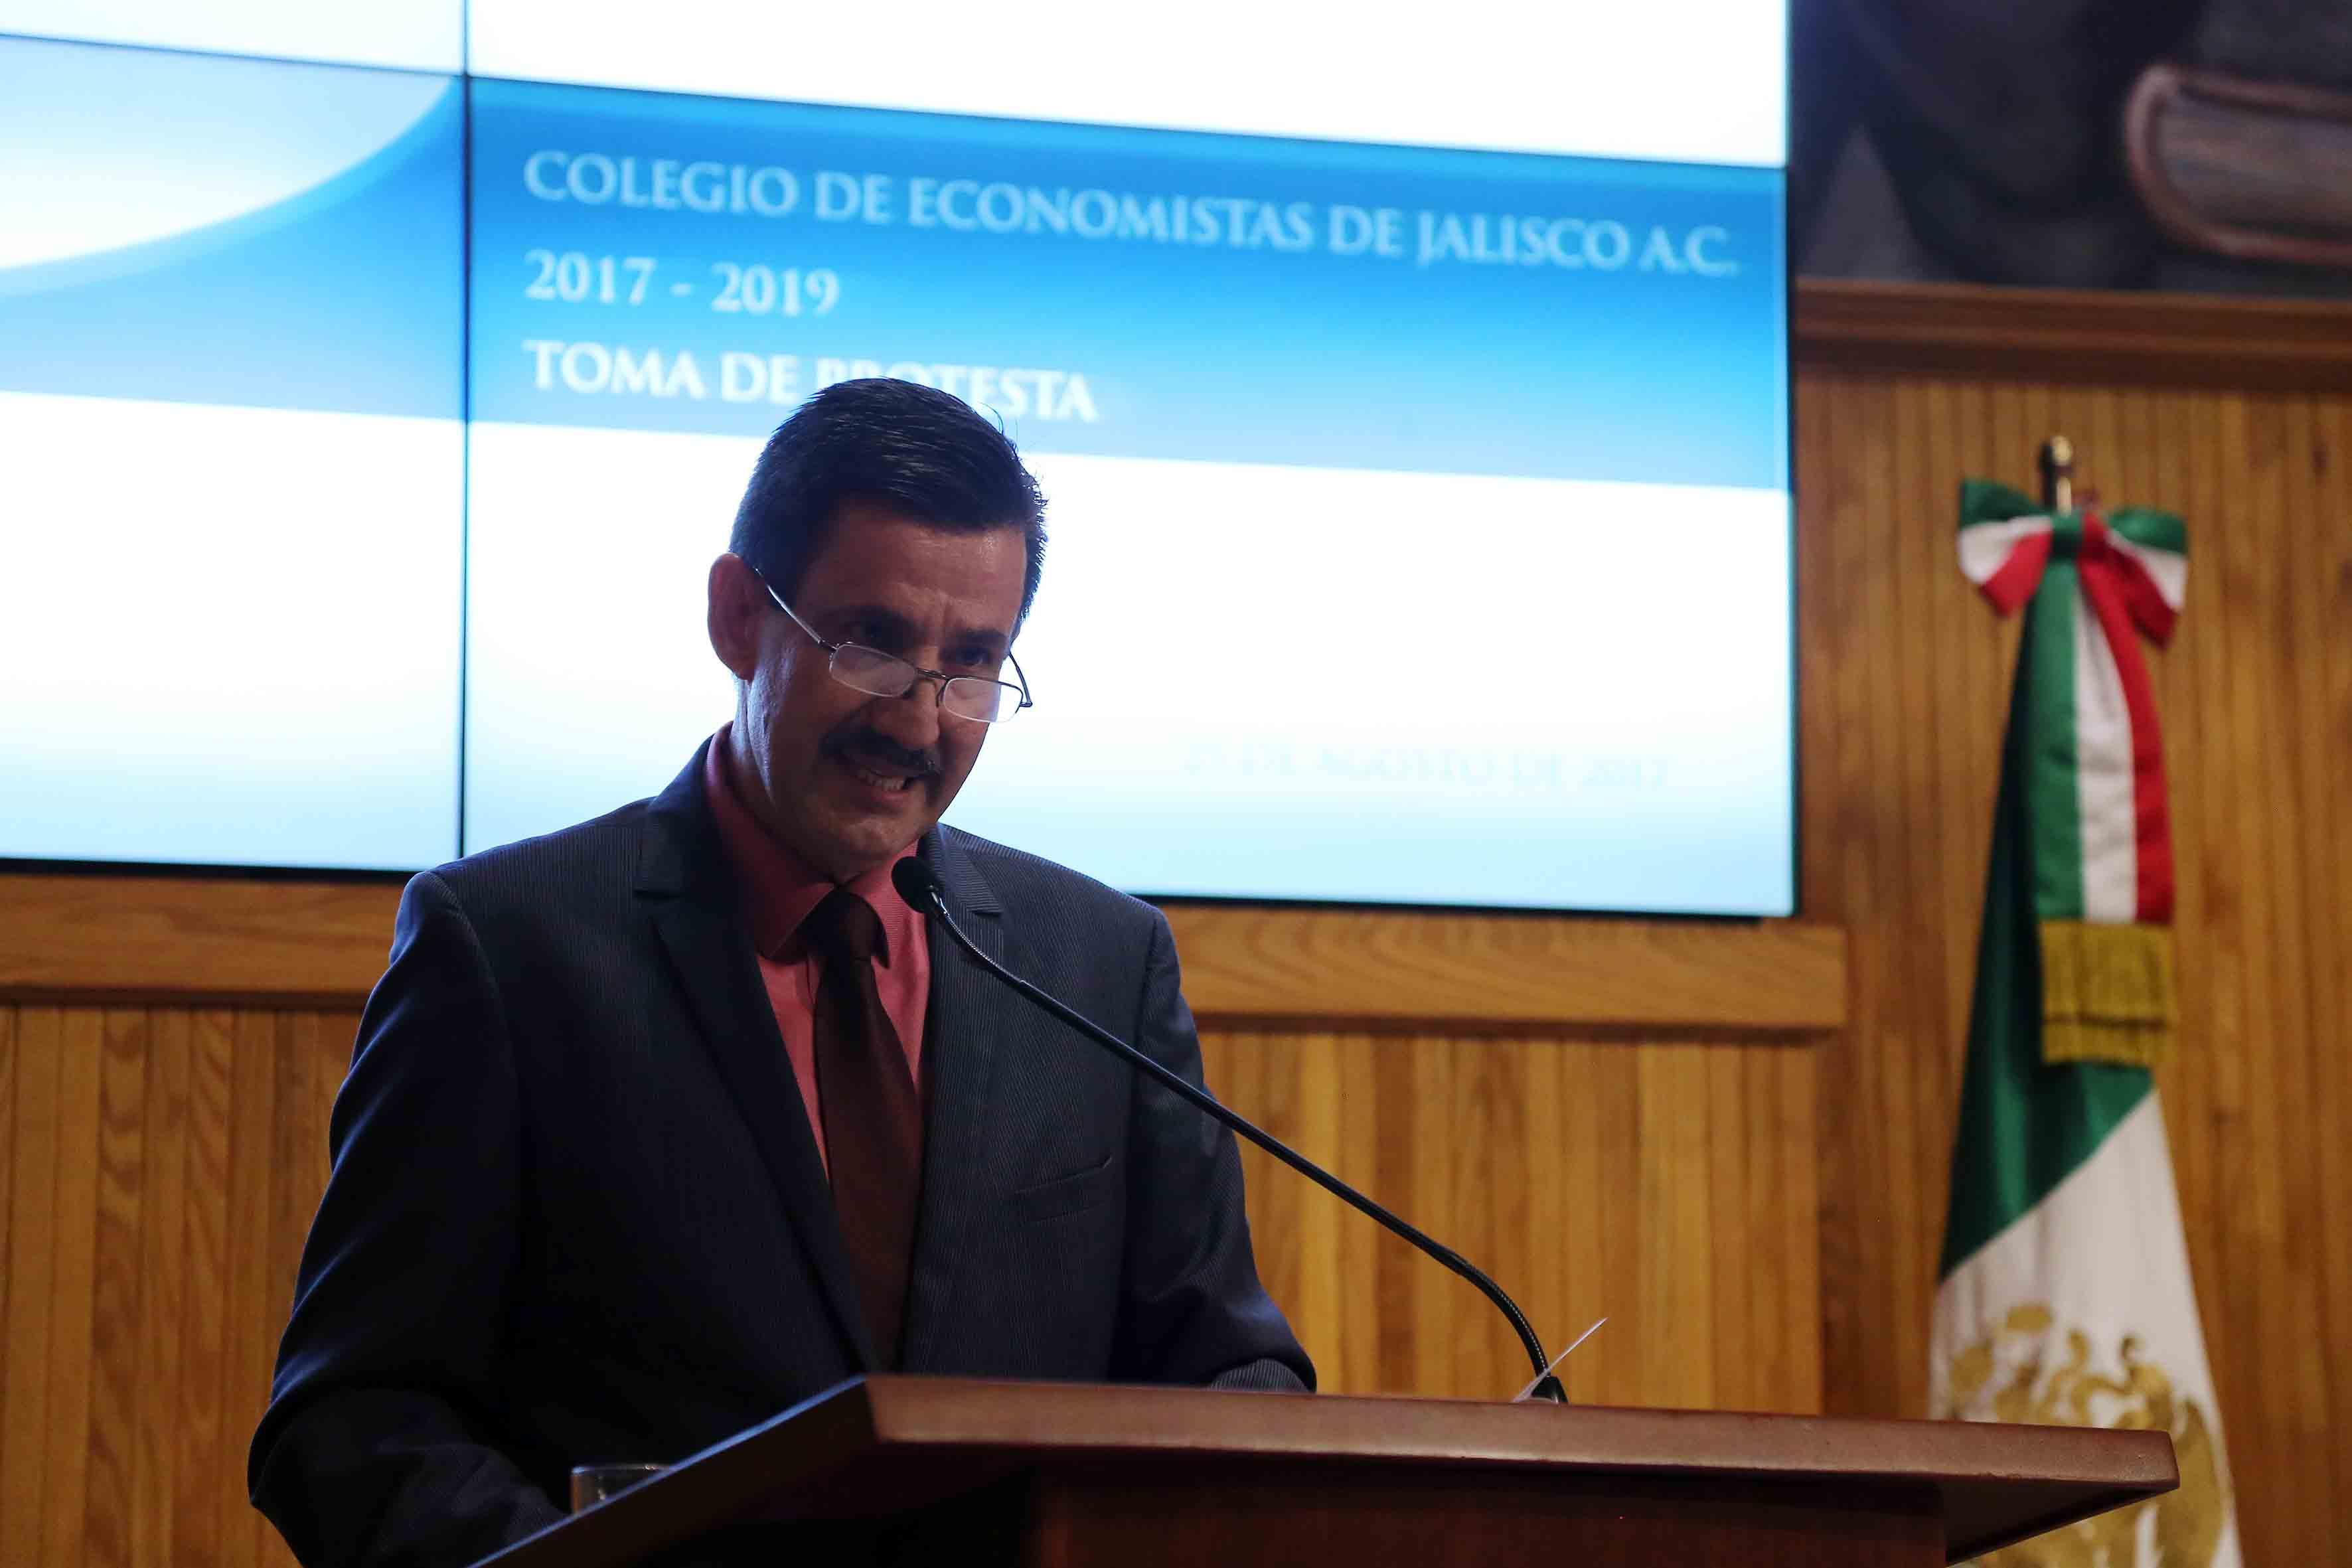 Nuevo presidente del Colegio de Economistas de Jalisco, maestro Alejandro Sierra Peón, haciendo uso de la palabra